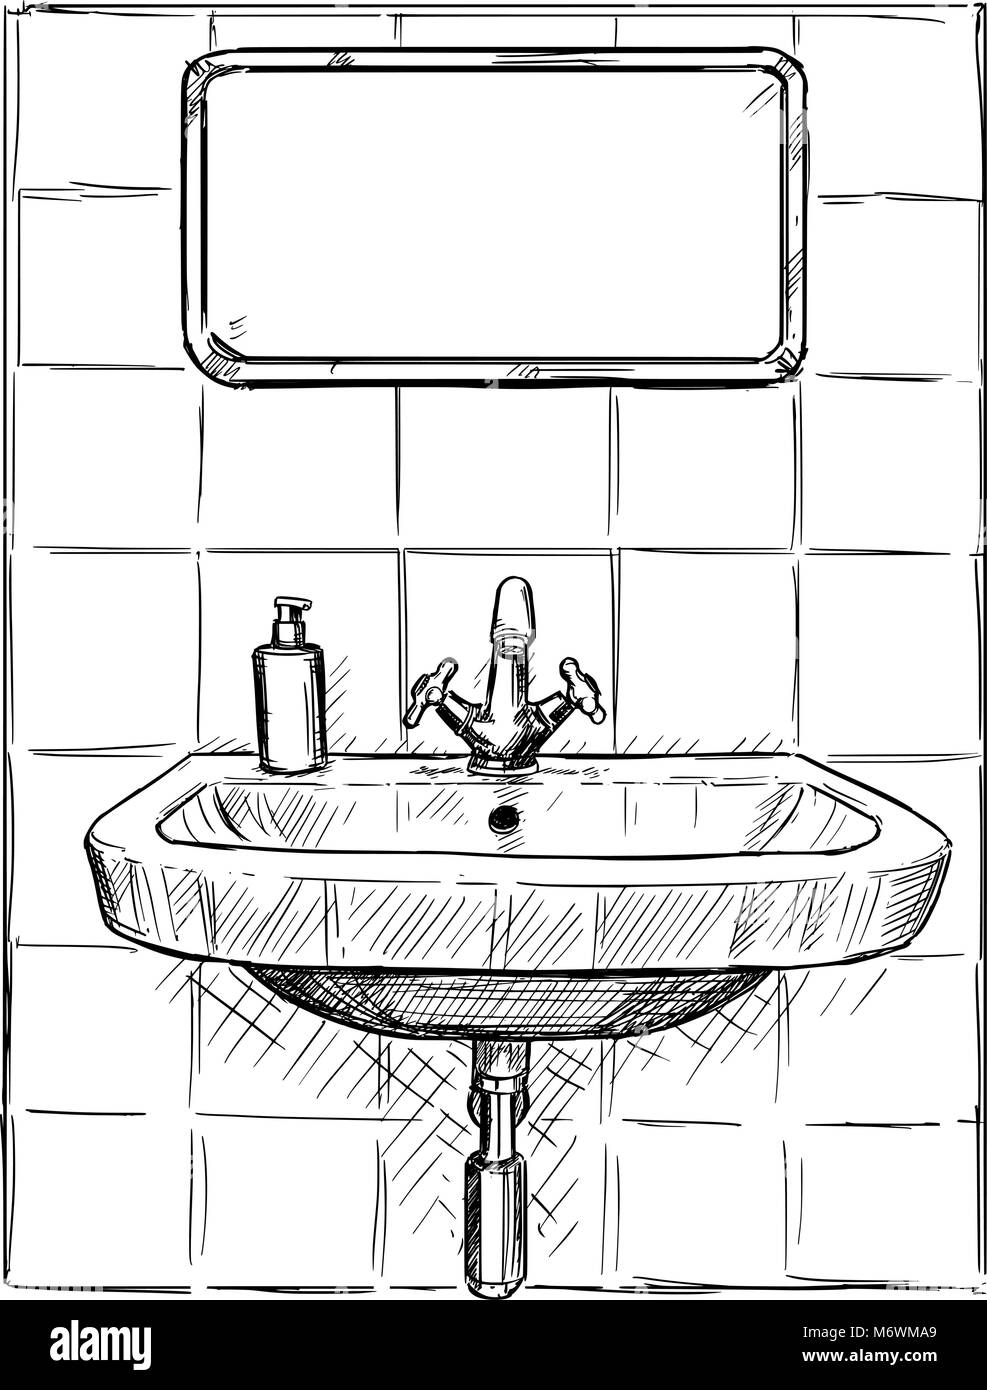 Dessin Salle De Bain vector dessin à la main d'évier et miroir dans salle de